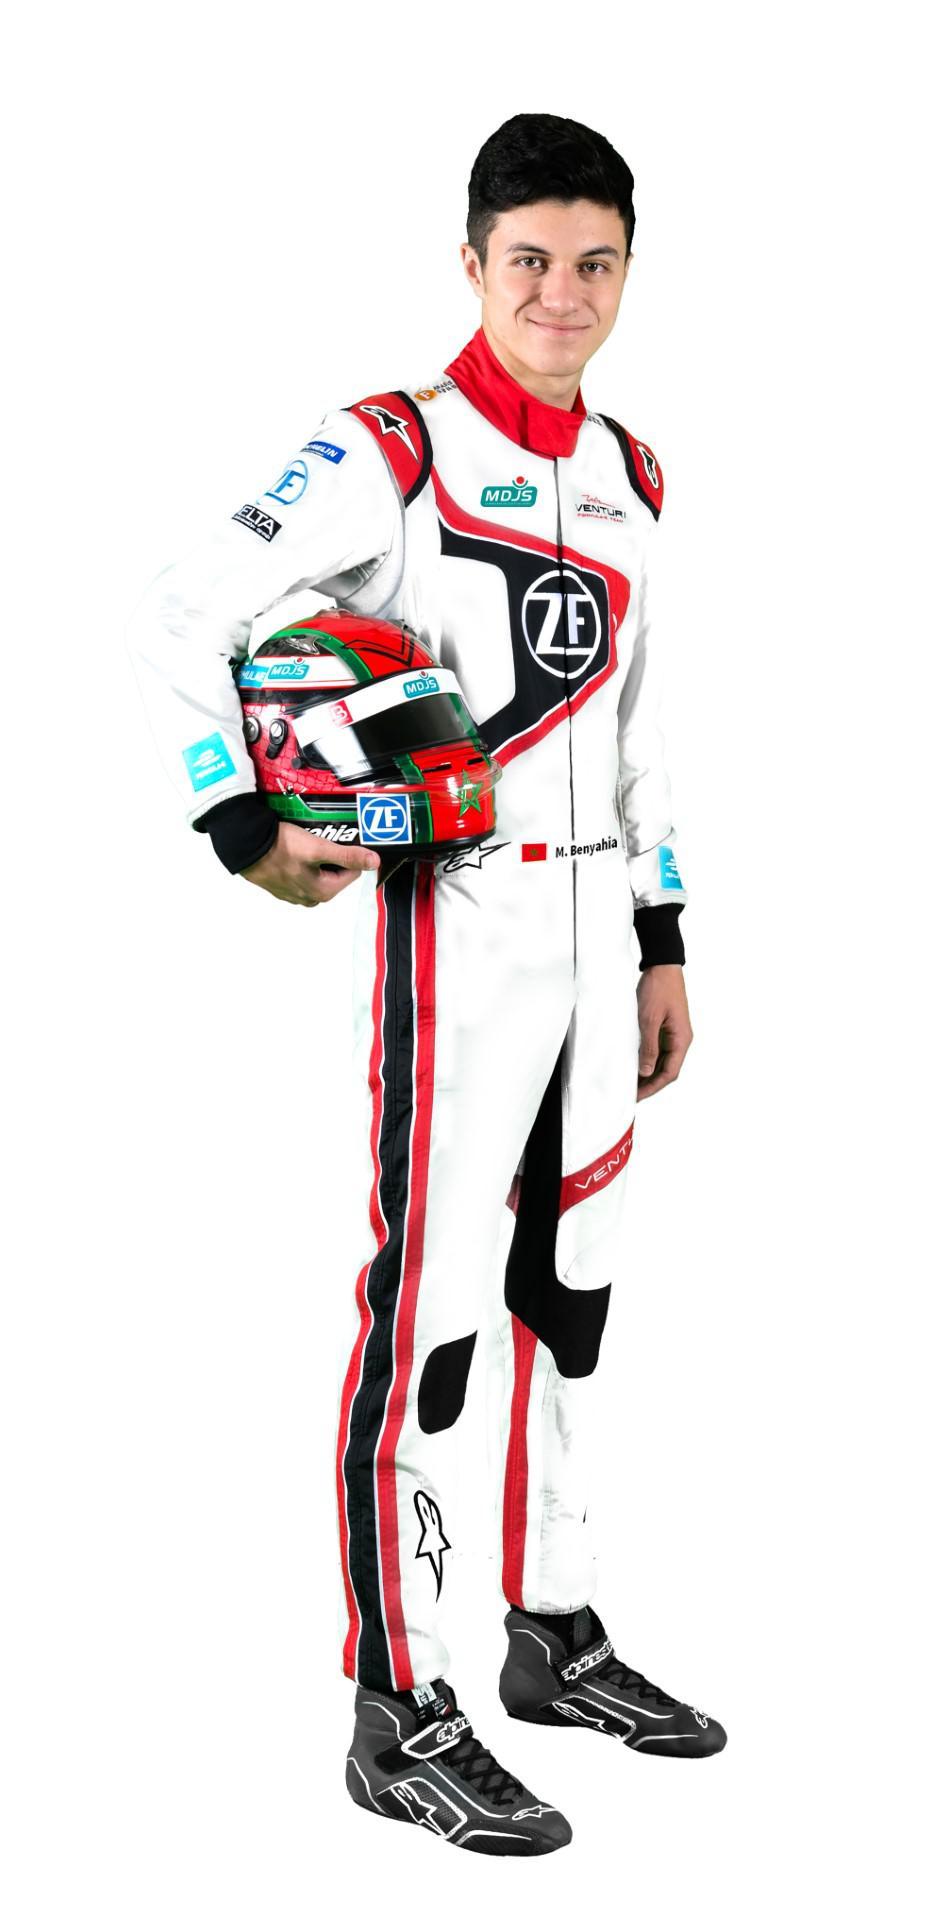 le-marocain-michael-benyahia-participera-aux-rookie-tests-de-marrakech-490-1.jpg